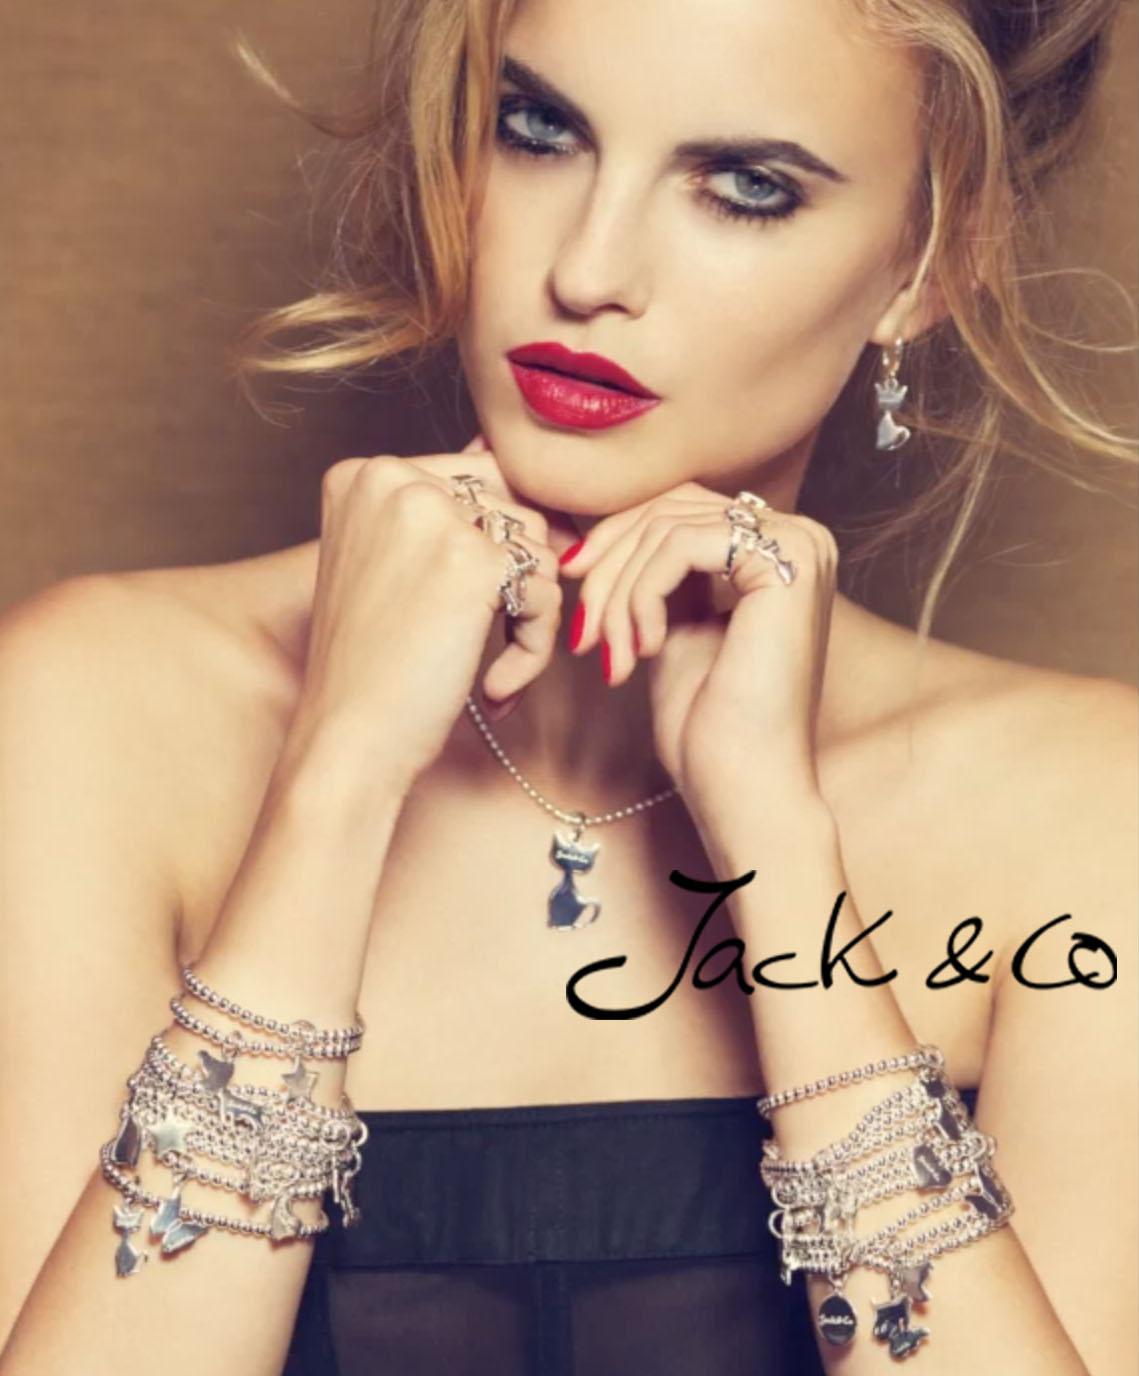 Jack & Co servizio fotografico professionale Bergamo